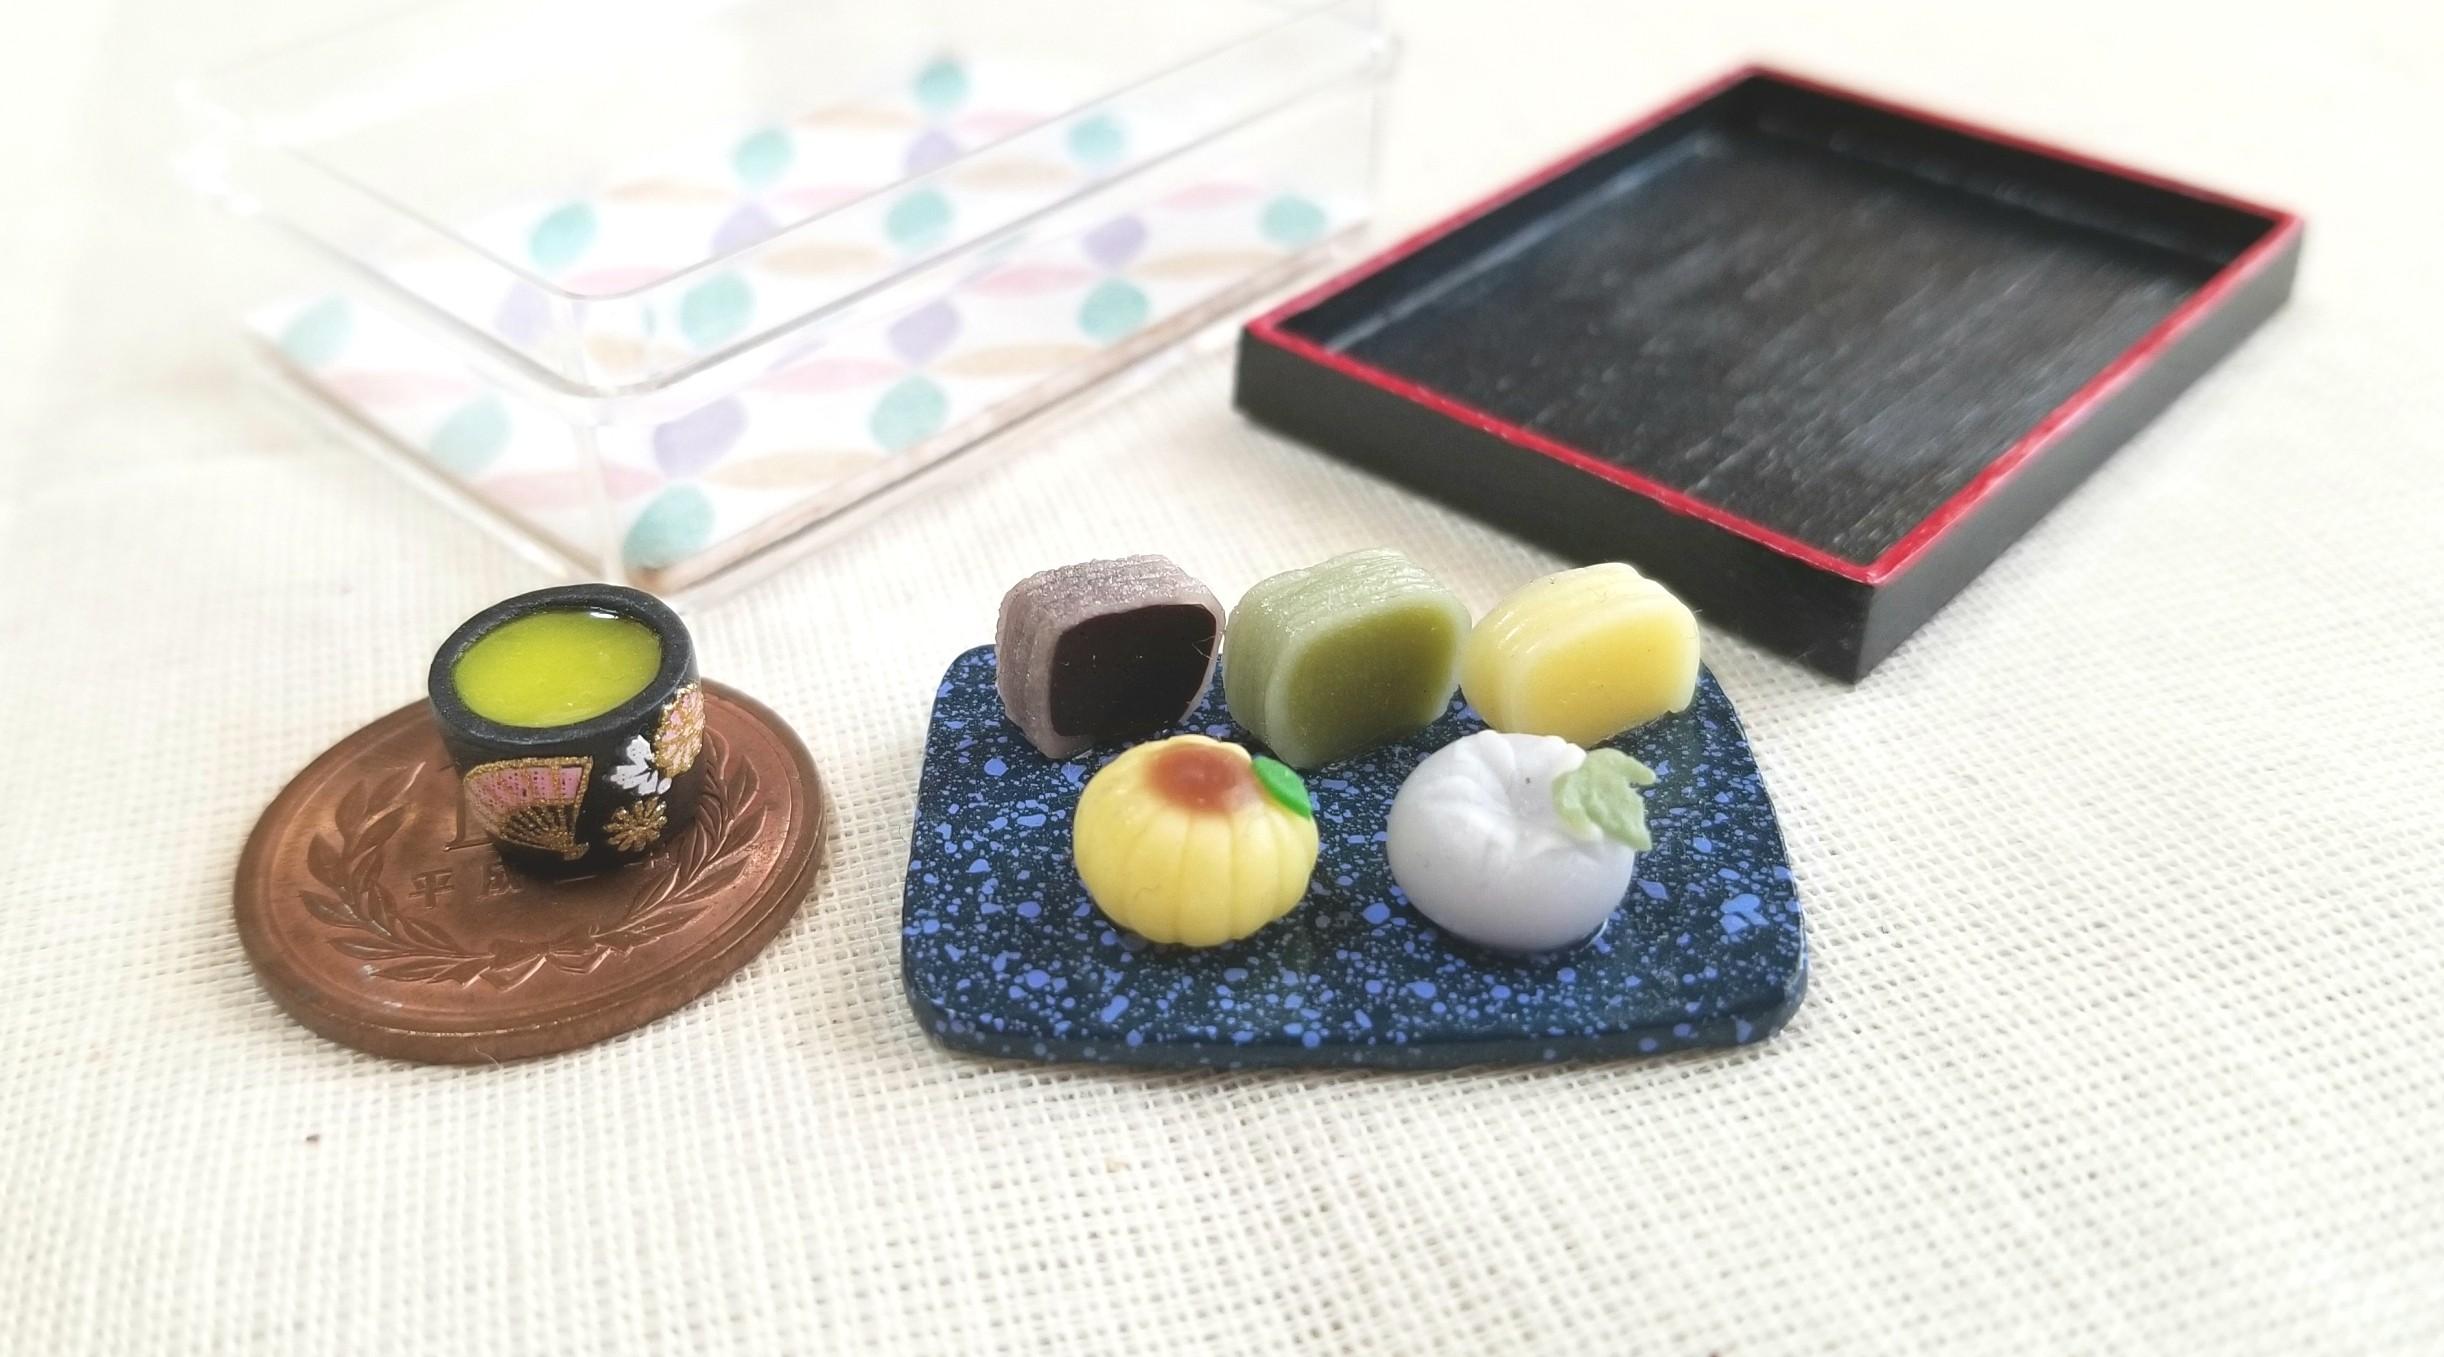 和菓子,羊羮,ひまわり,朝顔,練りきり,綺麗,可愛,小さい,美味しい,夏